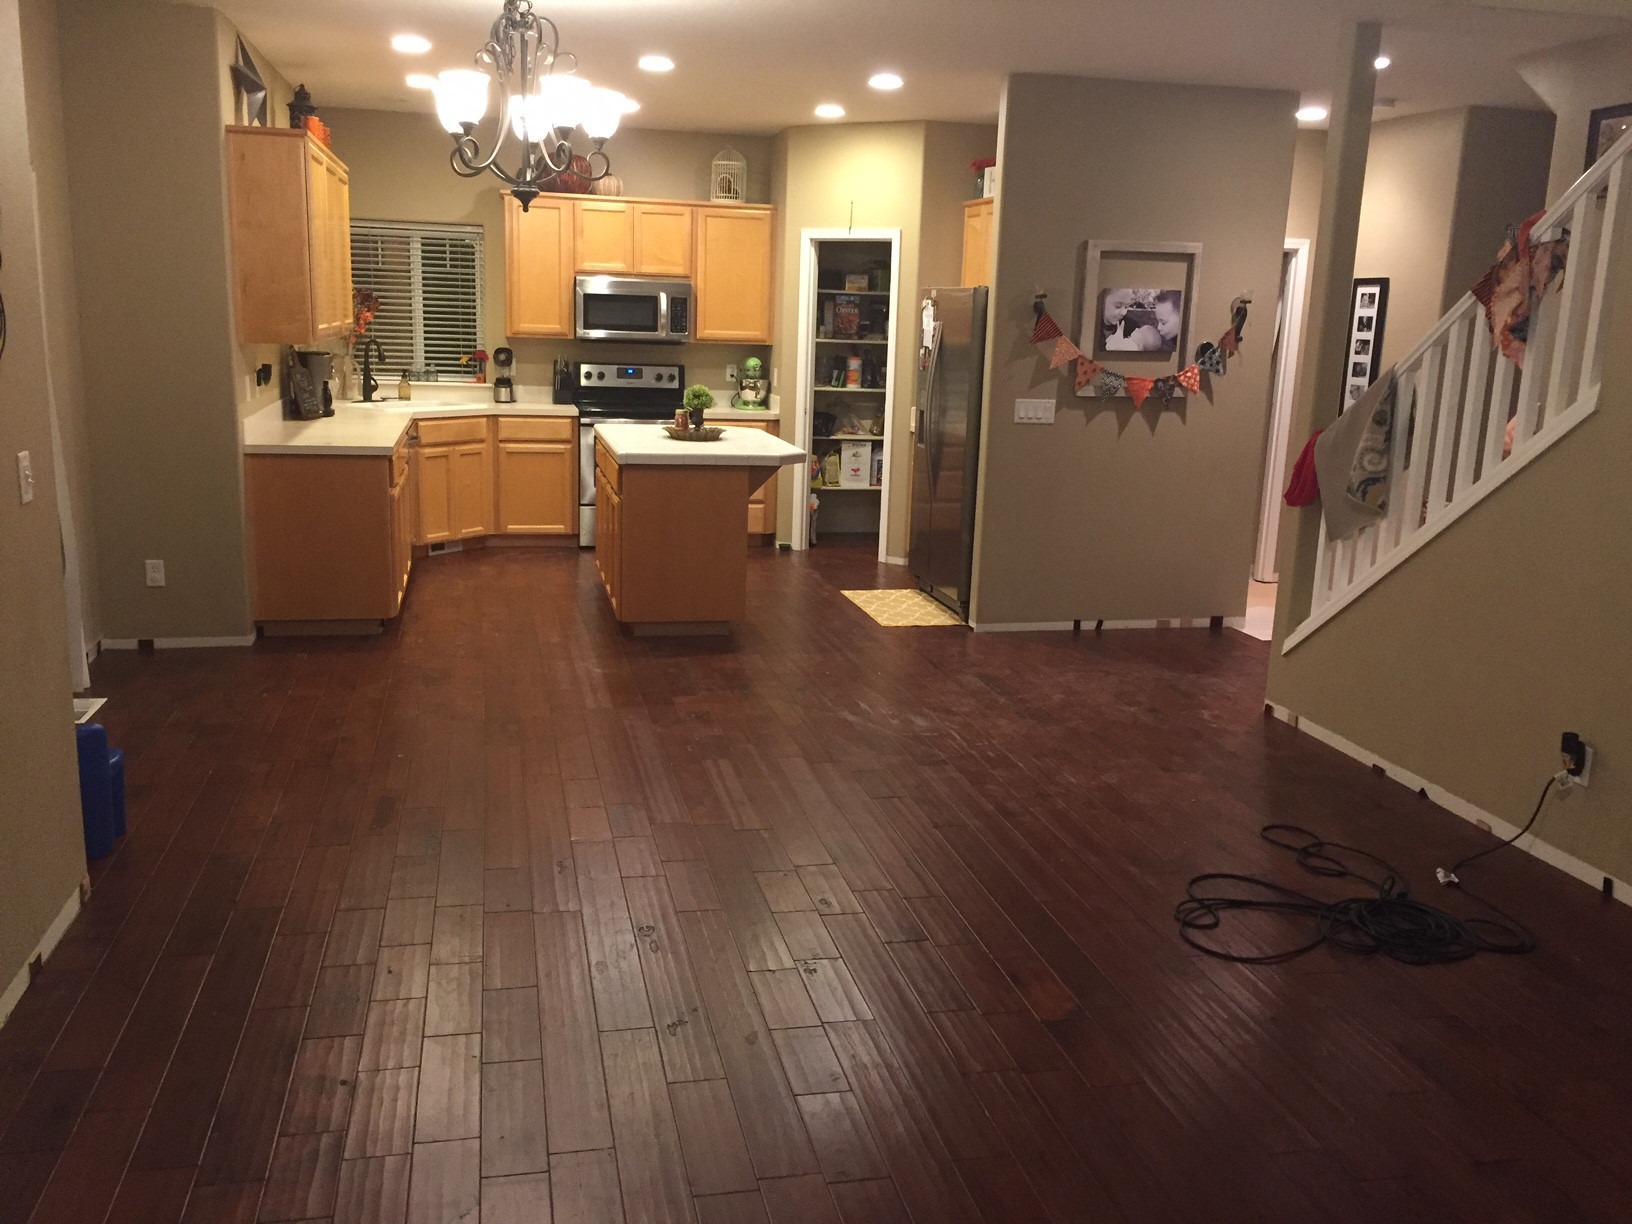 29 Stylish How To Install Floating Hardwood Floors On